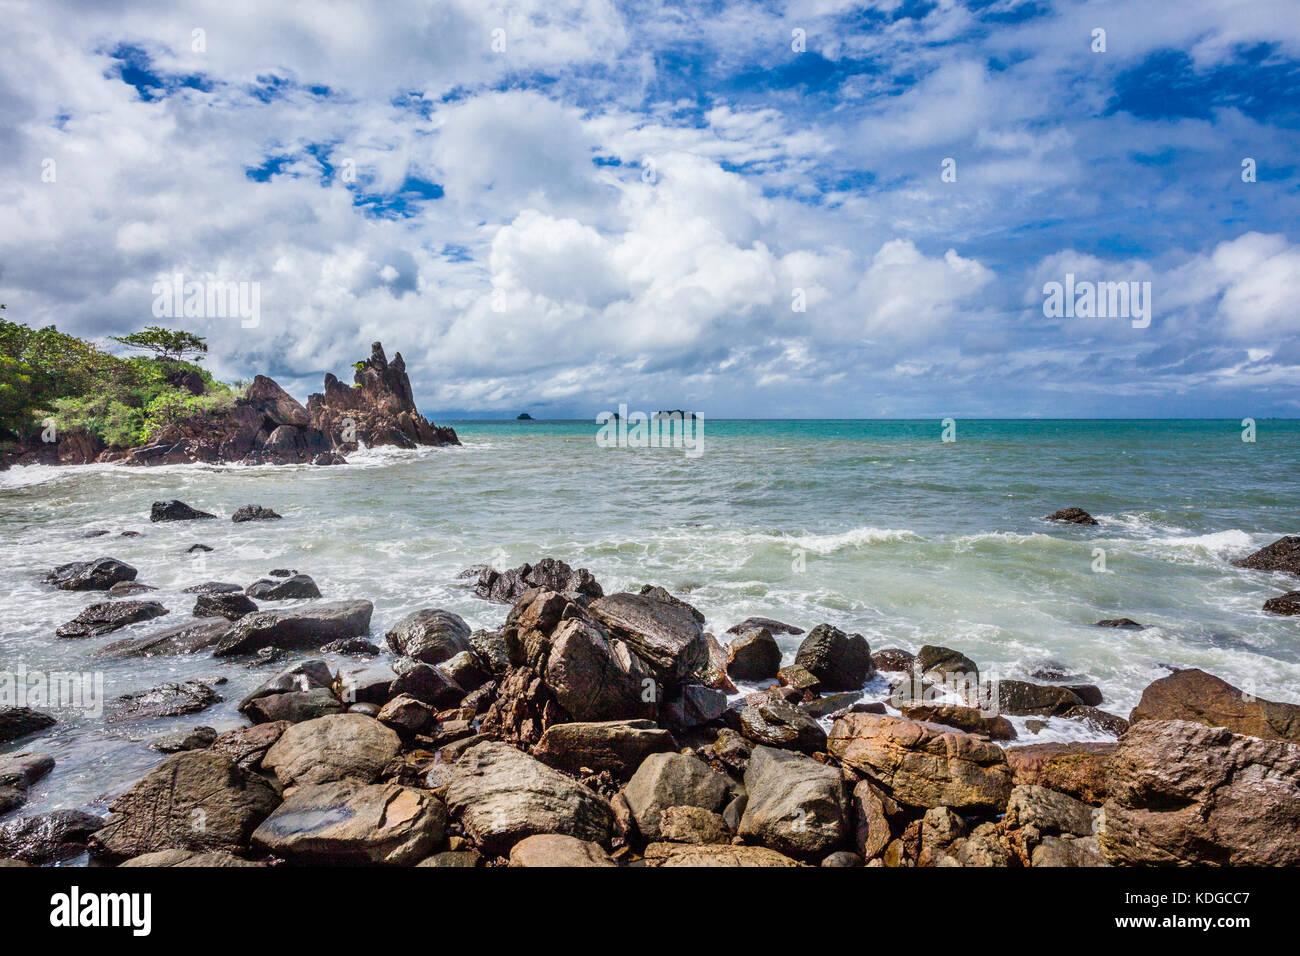 La province de Trat, Thaïlande, île tropicale de Koh Chang dans le golfe de Thaïlande, la côte Photo Stock